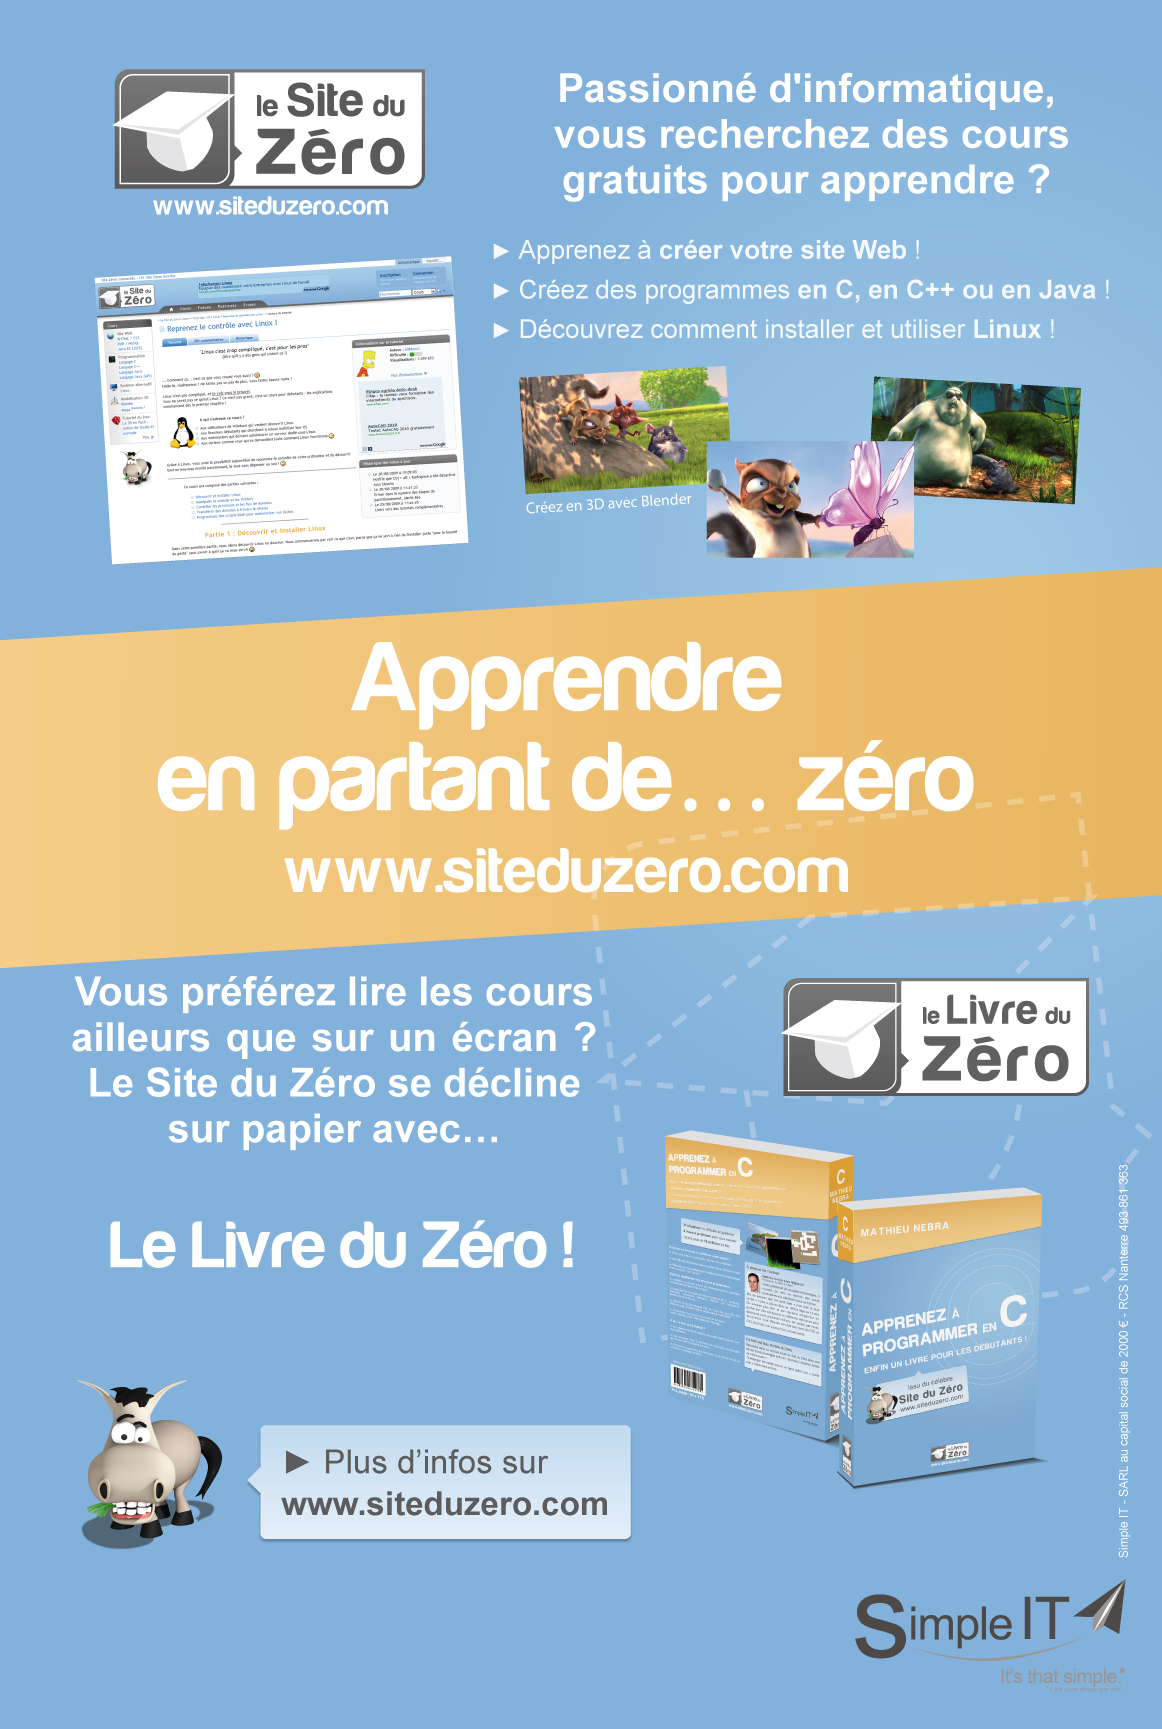 Le Site du Zéro. Tu connais? 226161